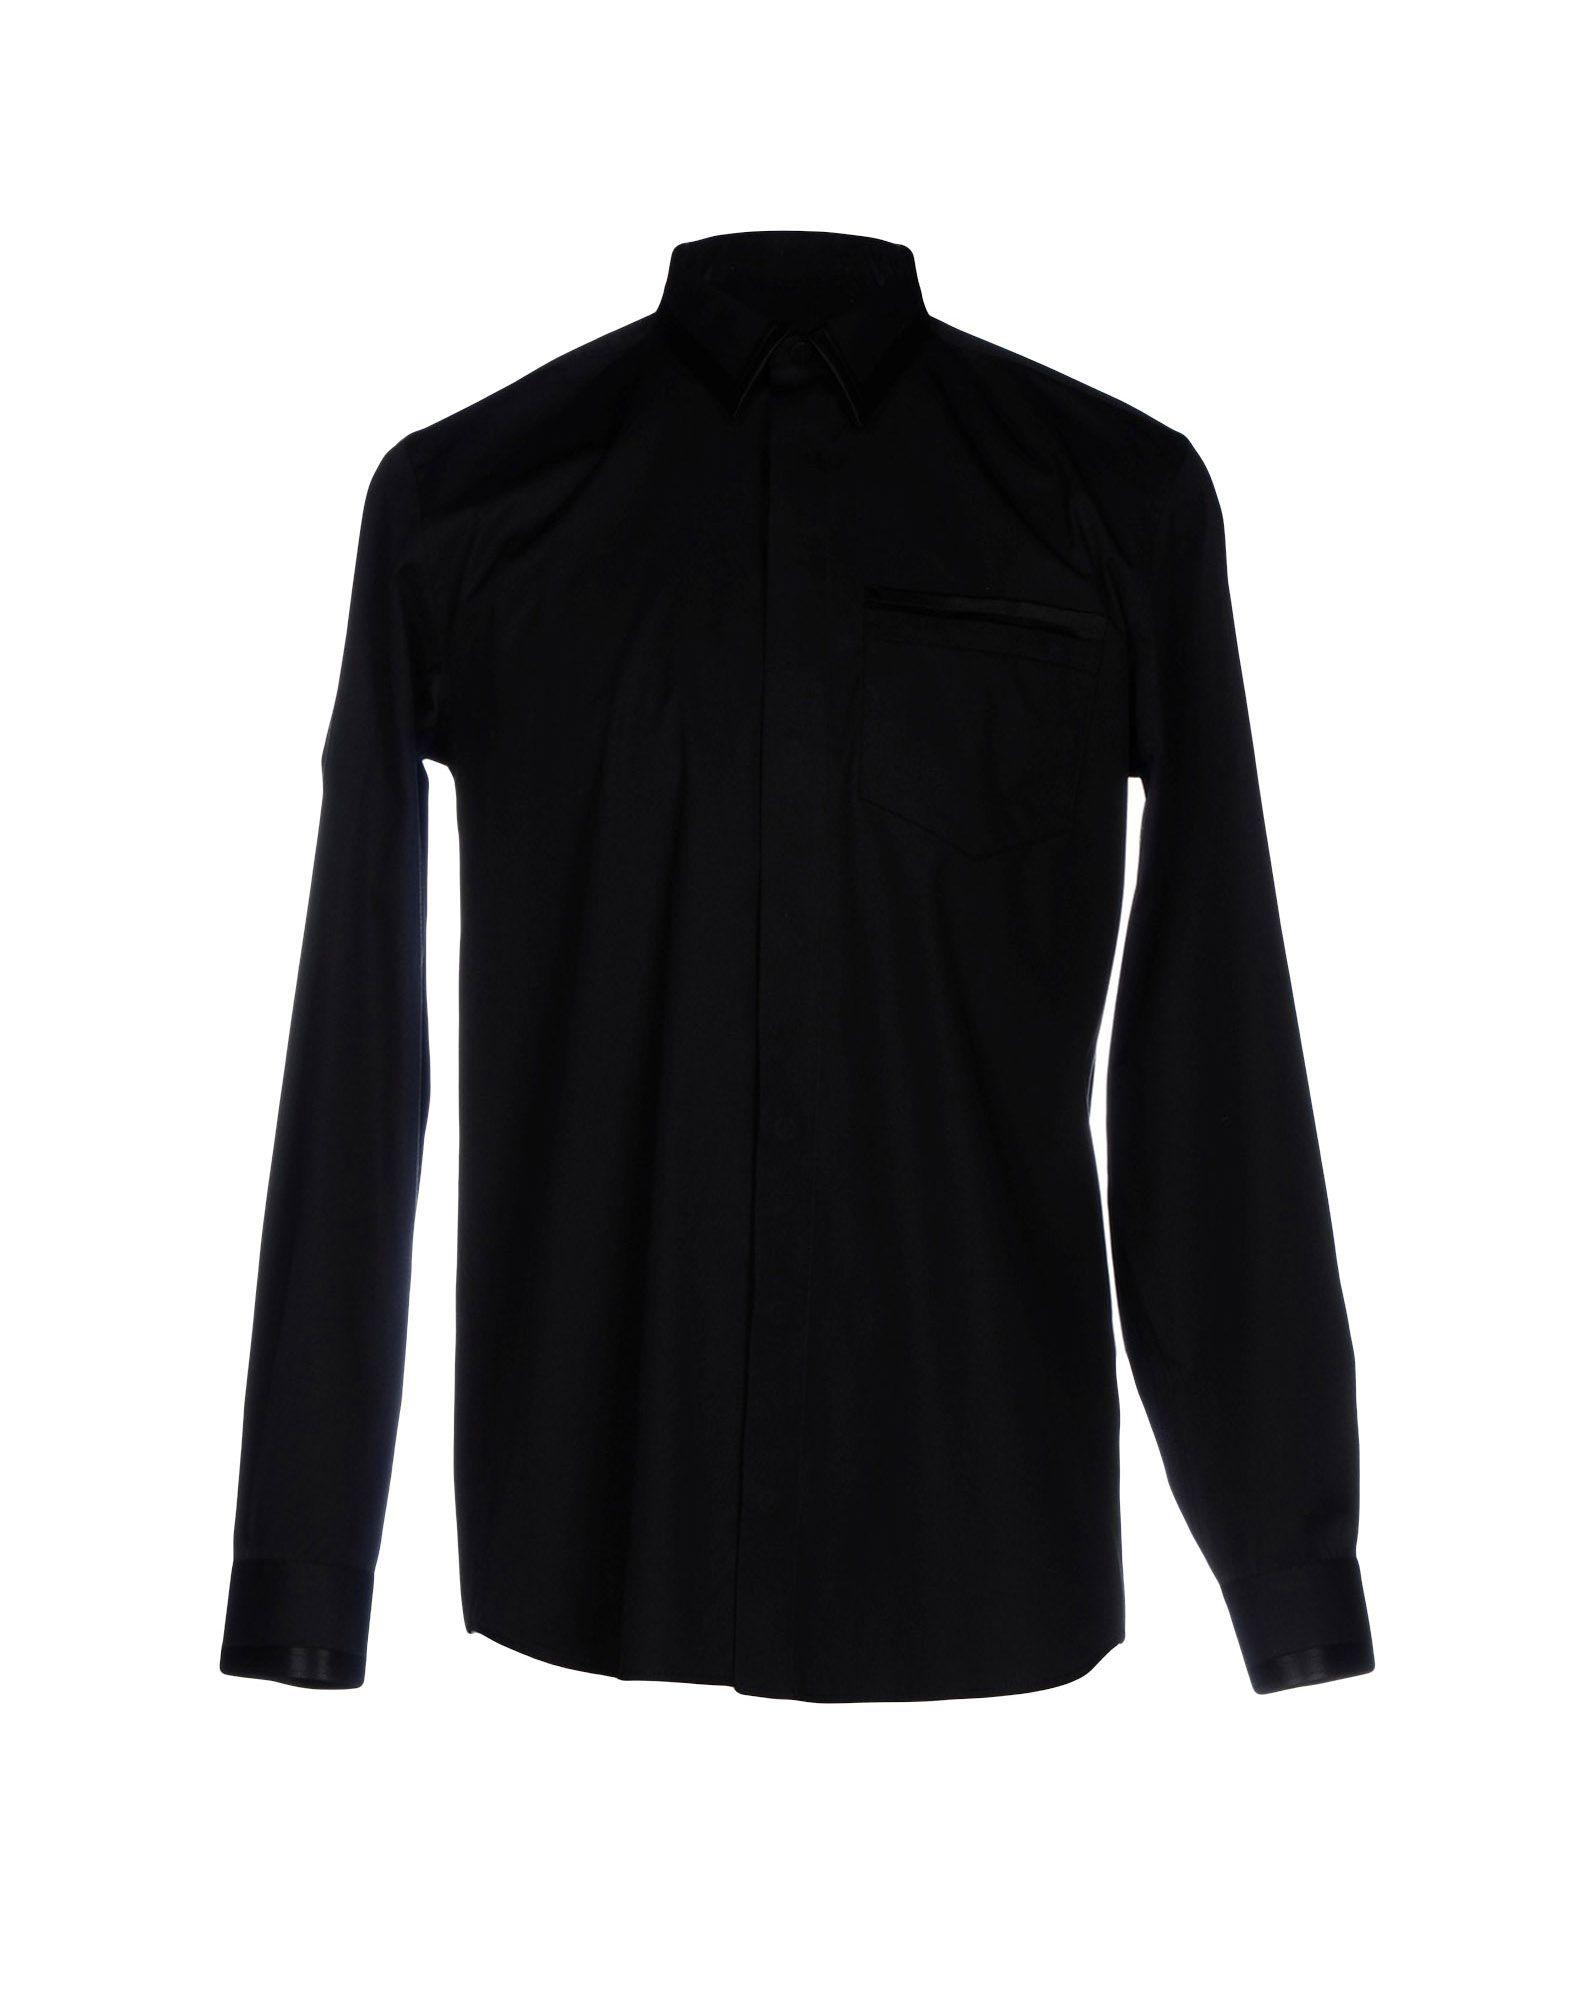 GIVENCHY Herren Hemd Farbe Schwarz Größe 5